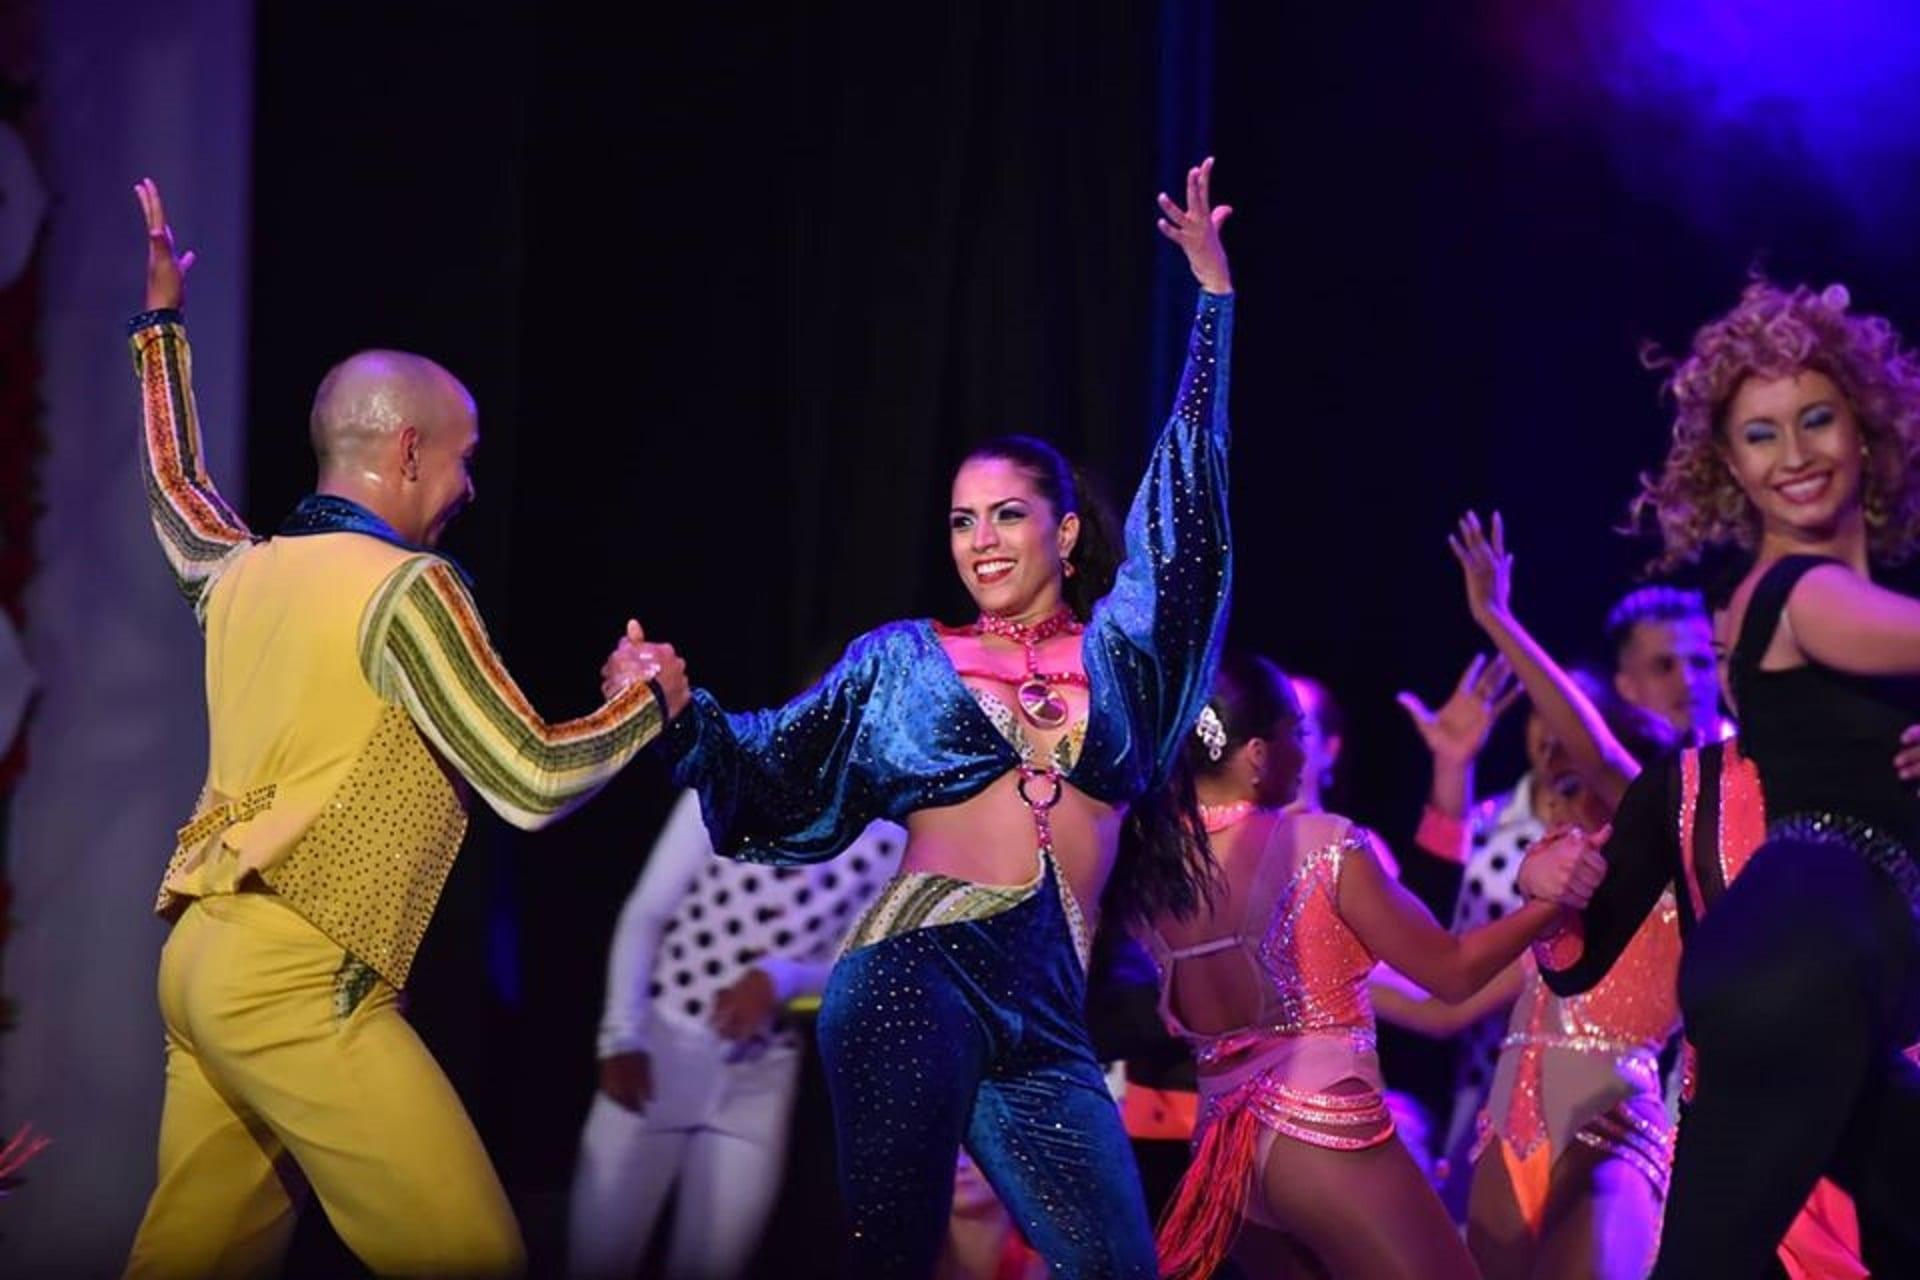 Colombia gana récord Guiness por mayor cifra de personas bailando salsa en  línea - Forbes Colombia